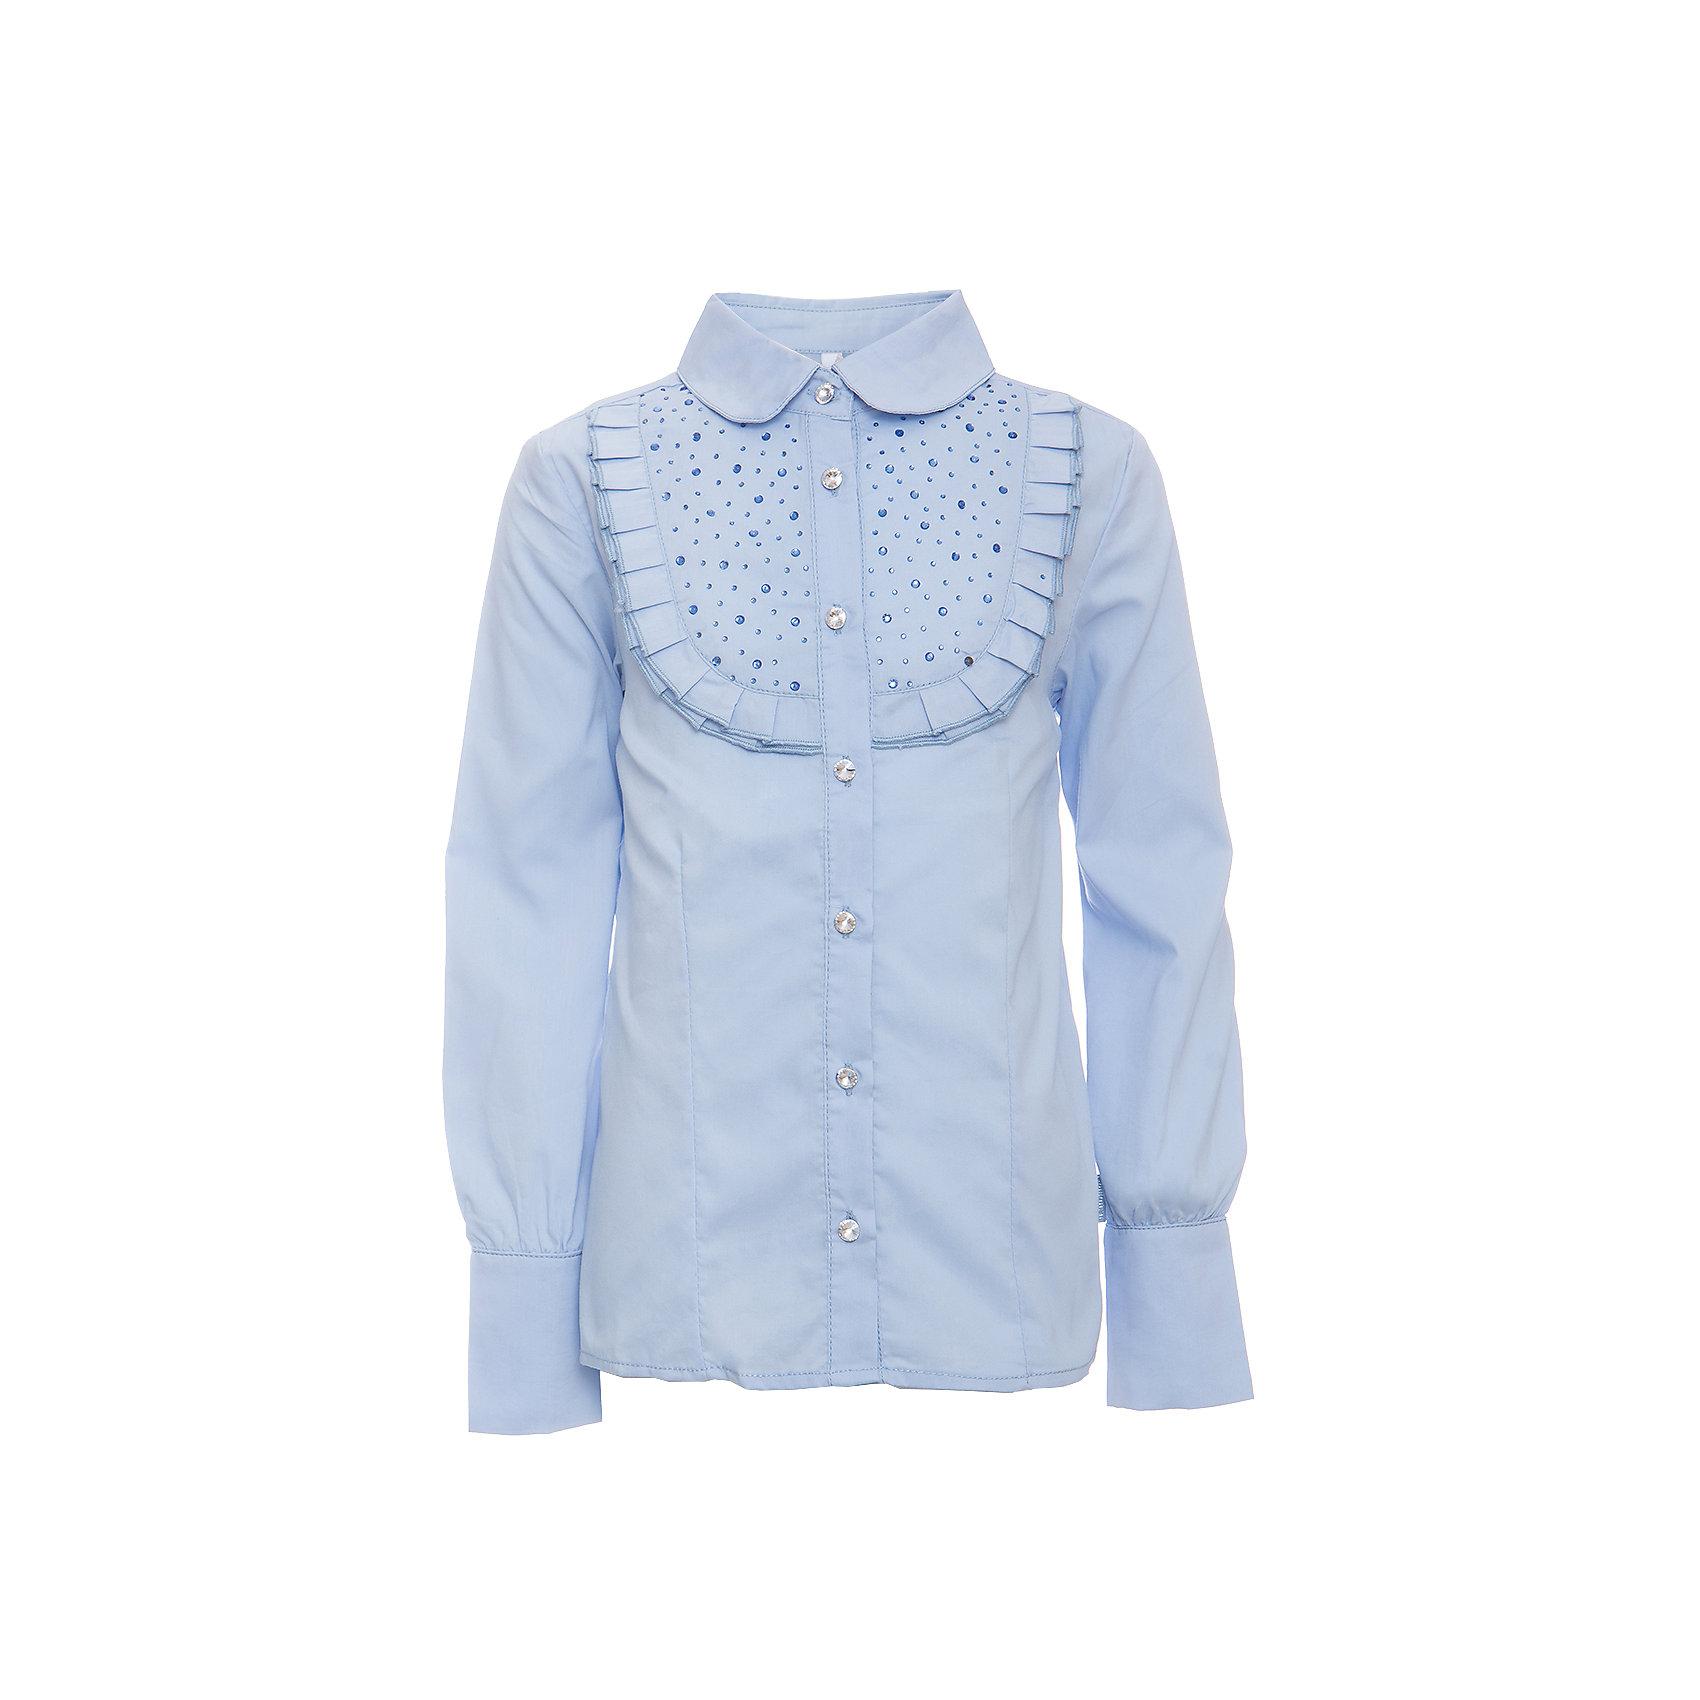 Блузка для девочки LuminosoБлузки и рубашки<br>Характеристики товара:<br><br>• цвет: голубой;<br>• состав: 65% хлопок, 32% полиэстер, 3% эластан;<br>• сезон: демисезон;<br>• особенности: школьная, с рюшами;<br>• застежка: пуговицы;<br>• с длинным рукавом;<br>• декорирована рюшами и стразами;<br>• манжеты рукавов на двух пуговицах;<br>• страна бренда: Россия;<br>• страна производства: Китай.<br><br>Школьная блузка с длинным рукавом для девочки. Голубая блузка приталенного кроя. Декорированна рюшами и стразами в тон изделию. Застегивается на пуговки, манжеты рукавов на двух пуговицах.<br><br>Блузка для девочки Luminoso (Люминосо) можно купить в нашем интернет-магазине.<br><br>Ширина мм: 186<br>Глубина мм: 87<br>Высота мм: 198<br>Вес г: 197<br>Цвет: голубой<br>Возраст от месяцев: 120<br>Возраст до месяцев: 132<br>Пол: Женский<br>Возраст: Детский<br>Размер: 146,122,128,134,140,152,158,164<br>SKU: 6672029